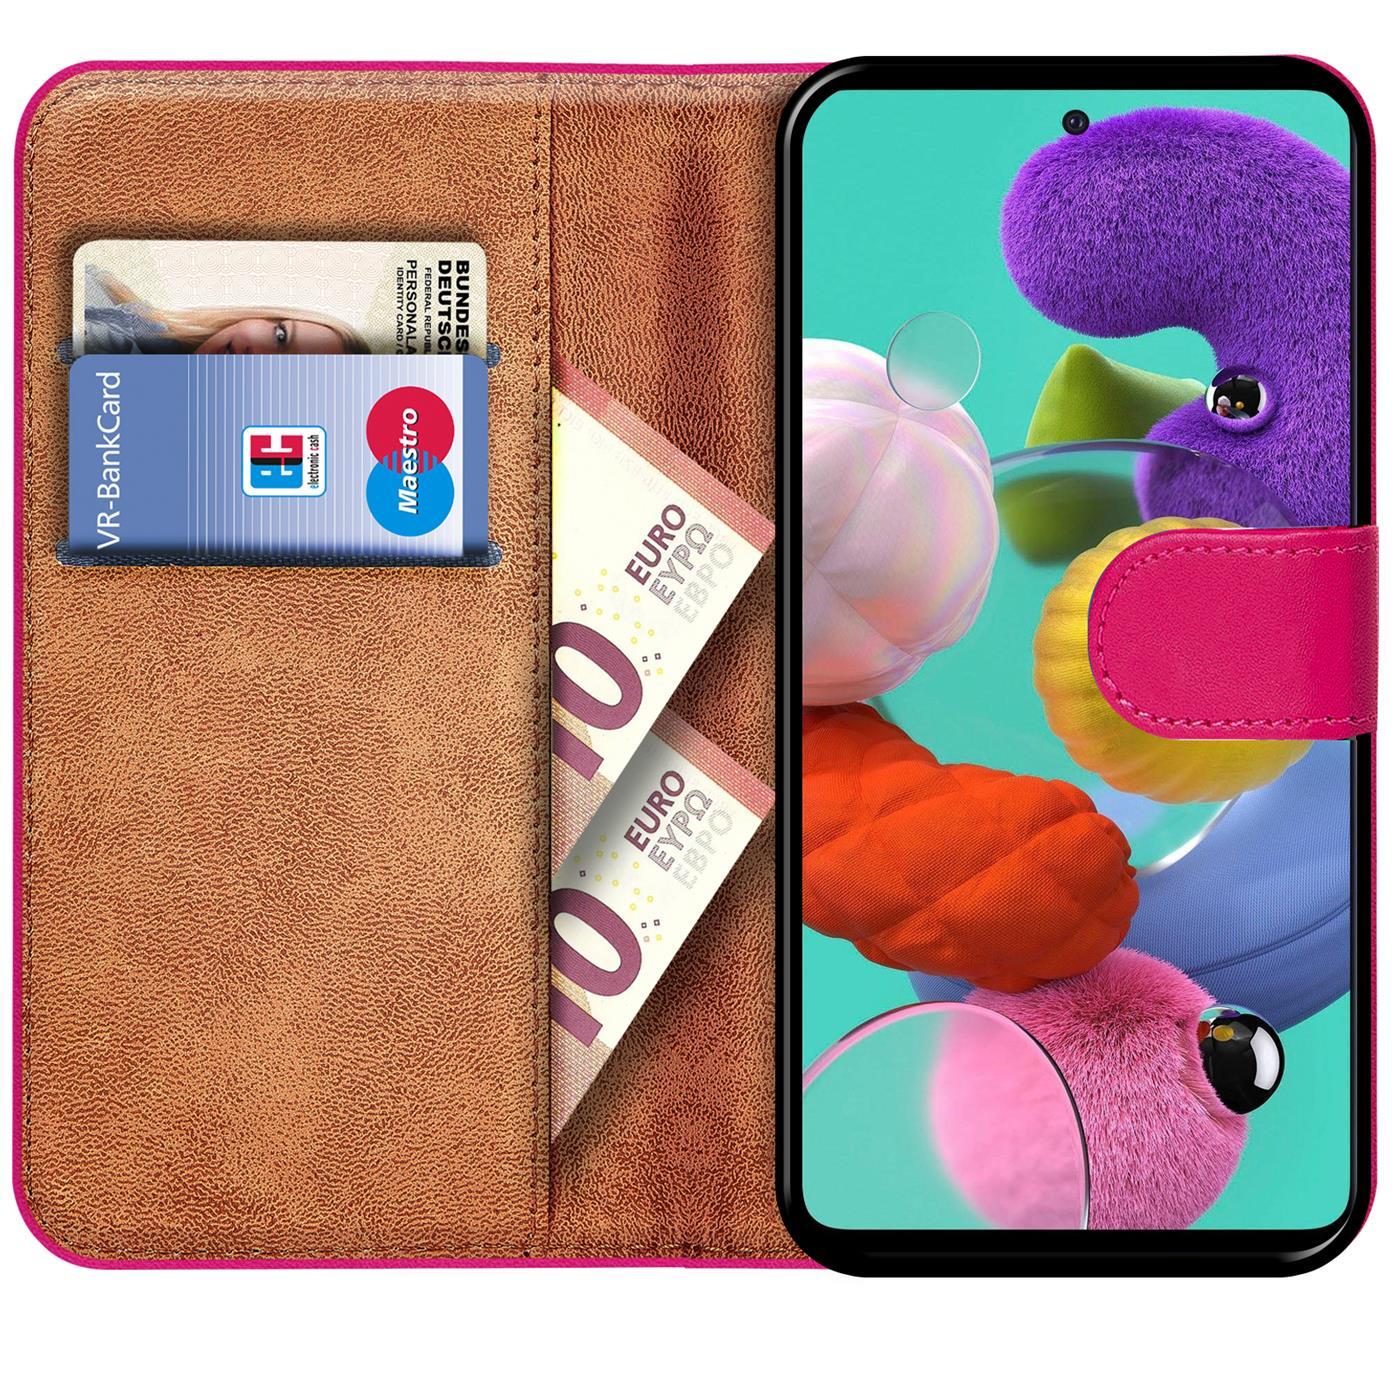 Book-Case-fuer-Samsung-Galaxy-A51-Huelle-Tasche-Flip-Cover-Handy-Schutz-Huelle Indexbild 15